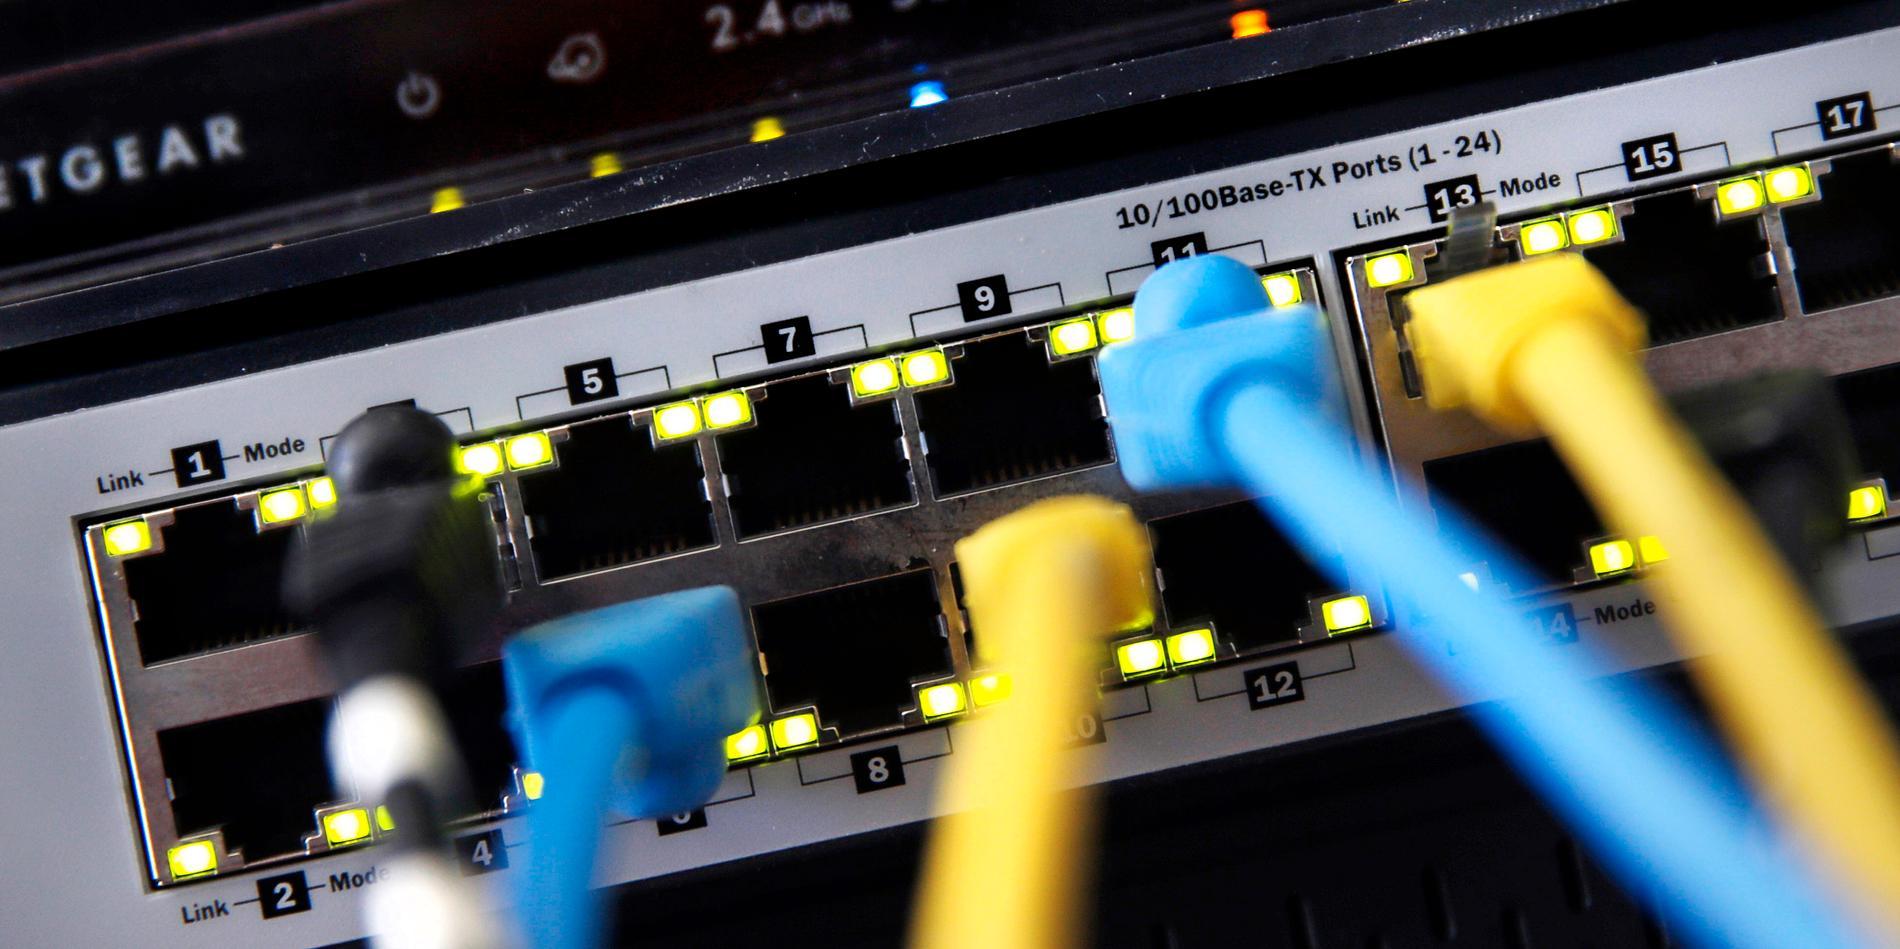 Stockholms stad har skickat digitala meddelanden med personuppgifter till fel mottagare.